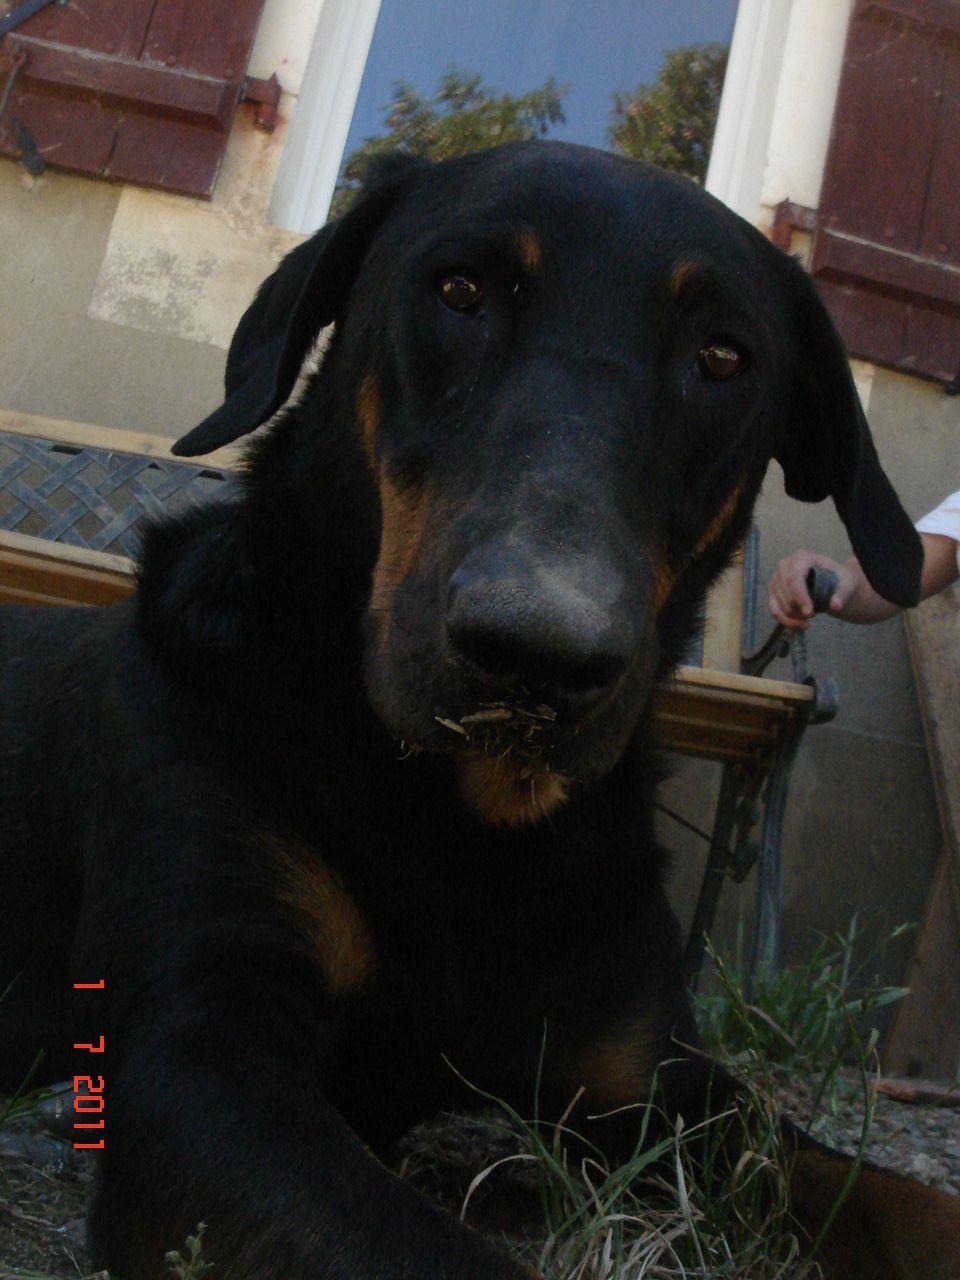 Le Beauceron chien dangereux - page : 1